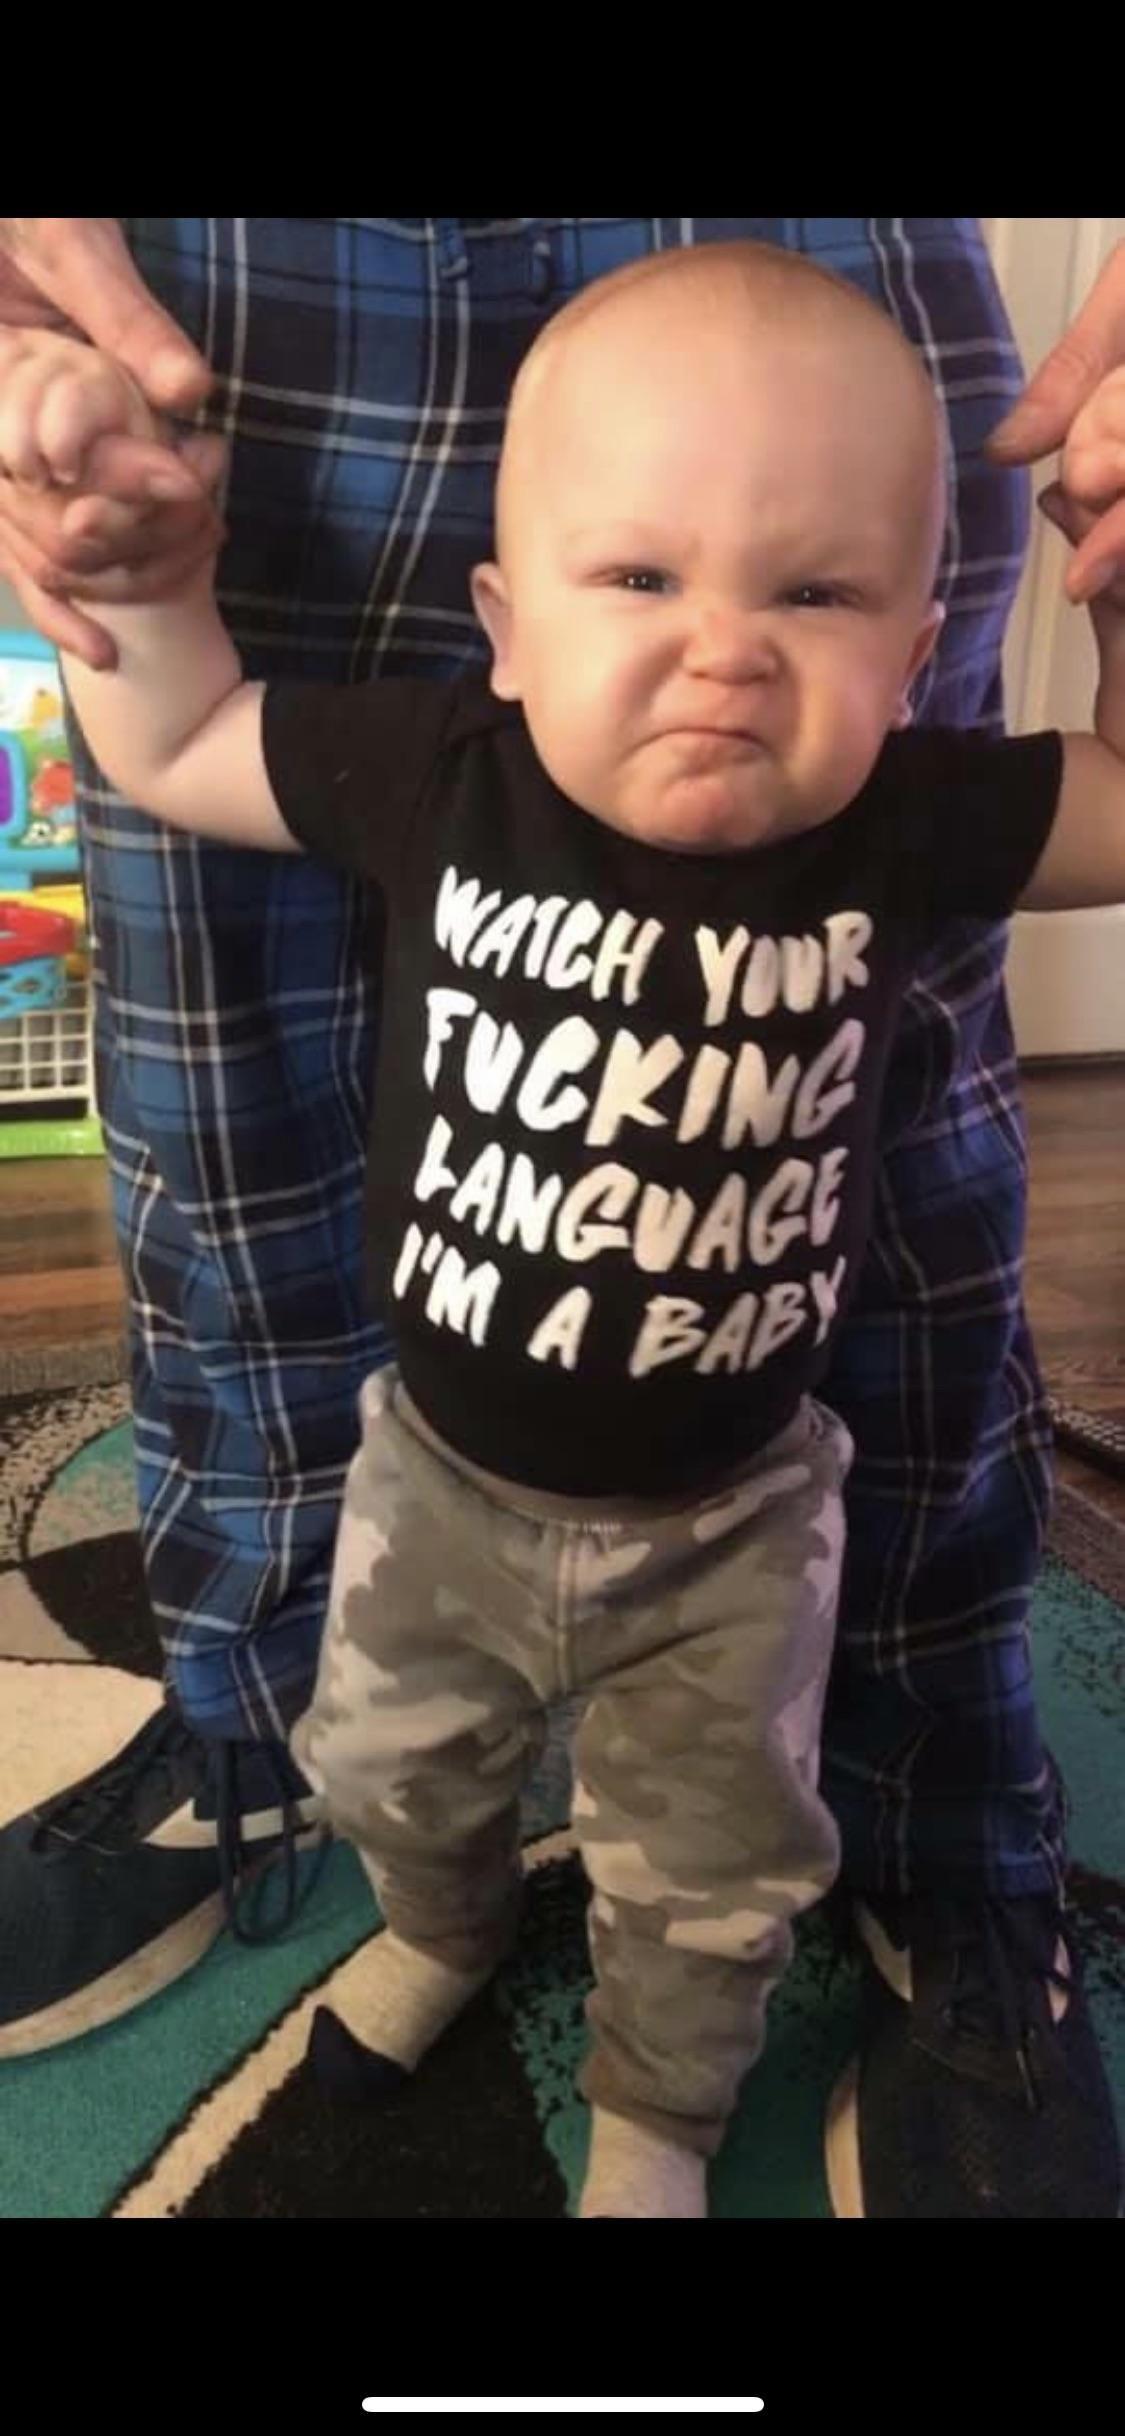 Cousin got a new shirt today